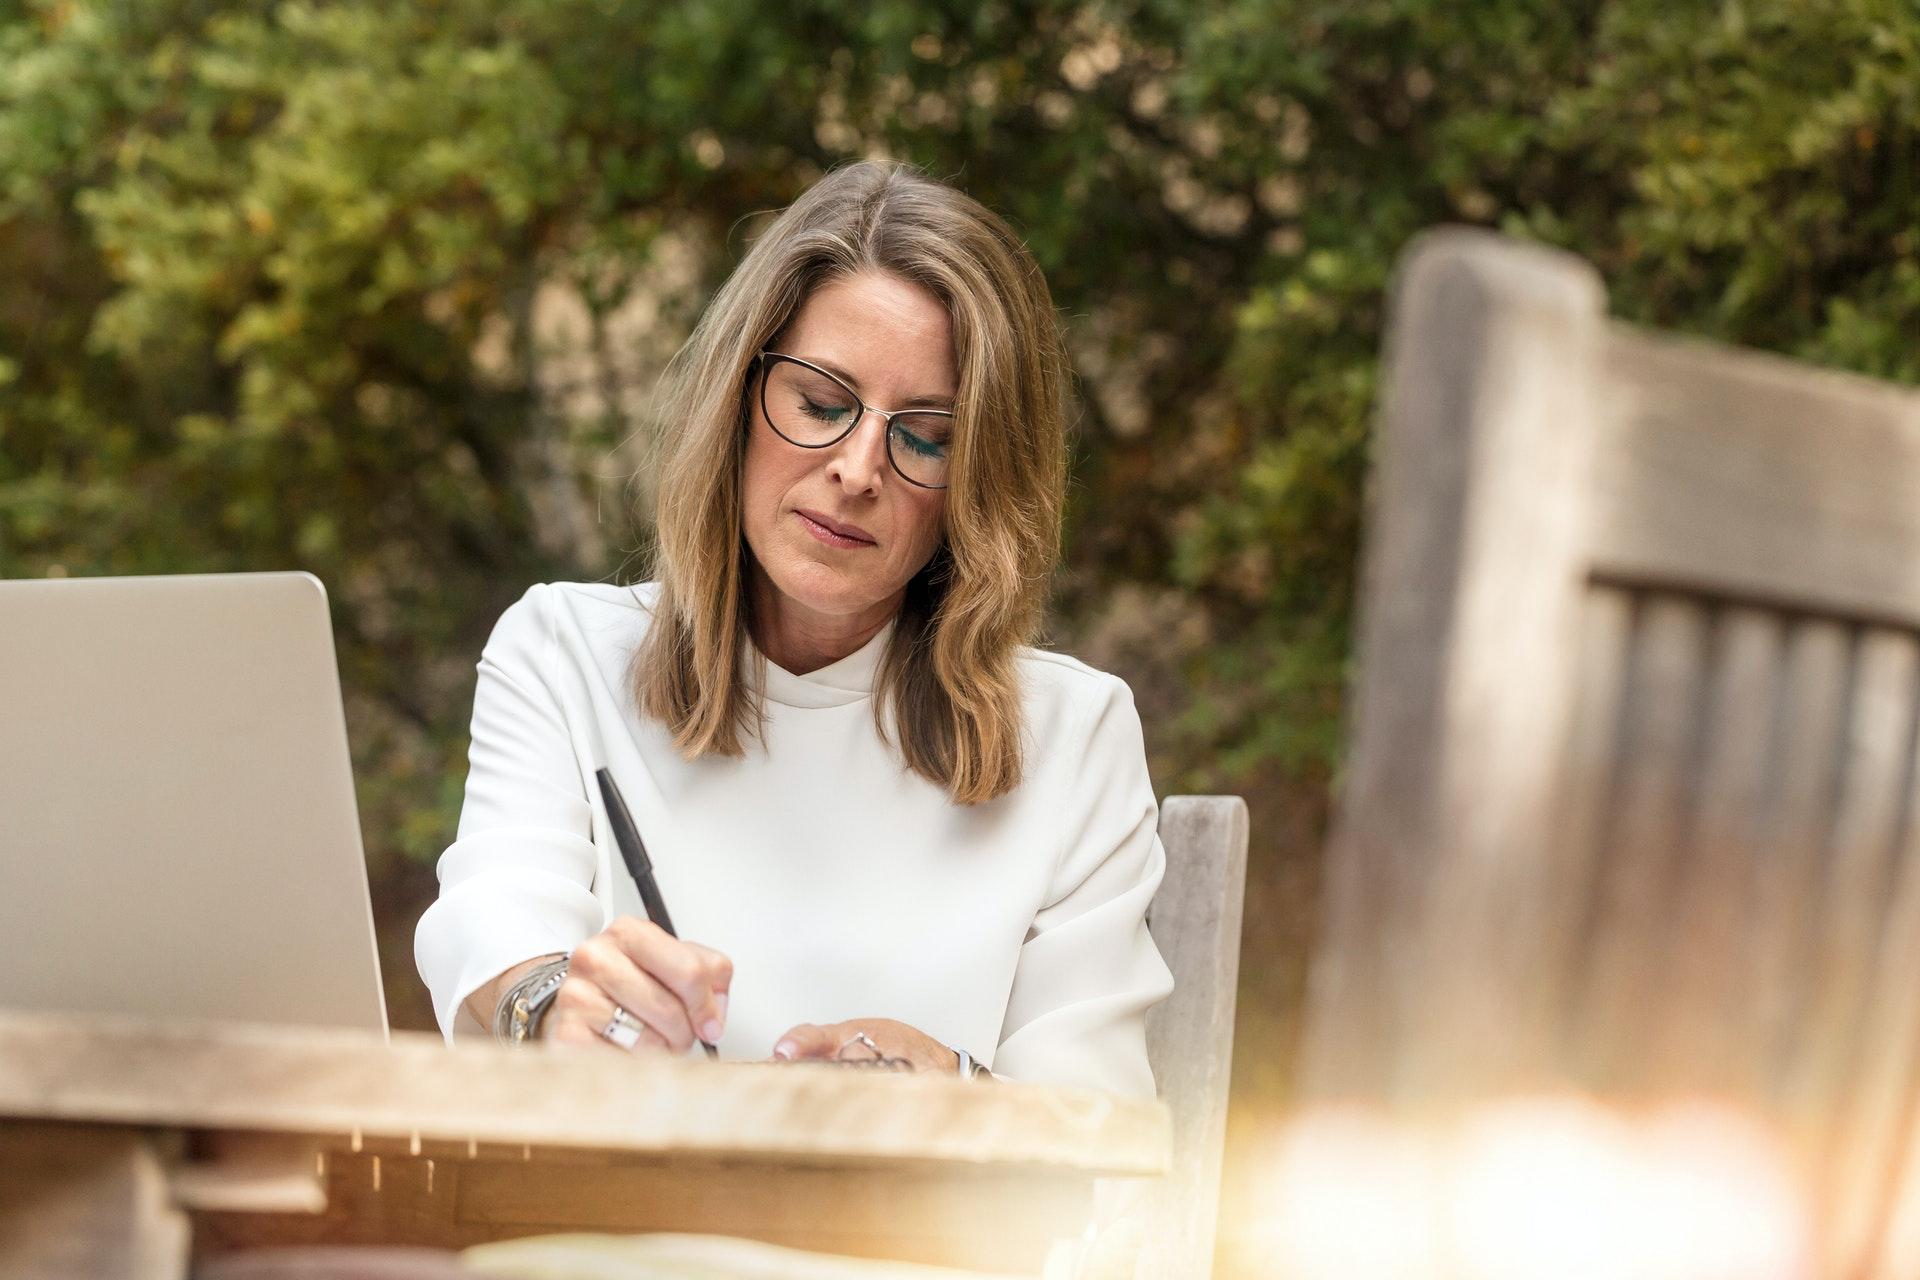 Eine Frau mit geschlossenen Augen sitzt an einem Tisch